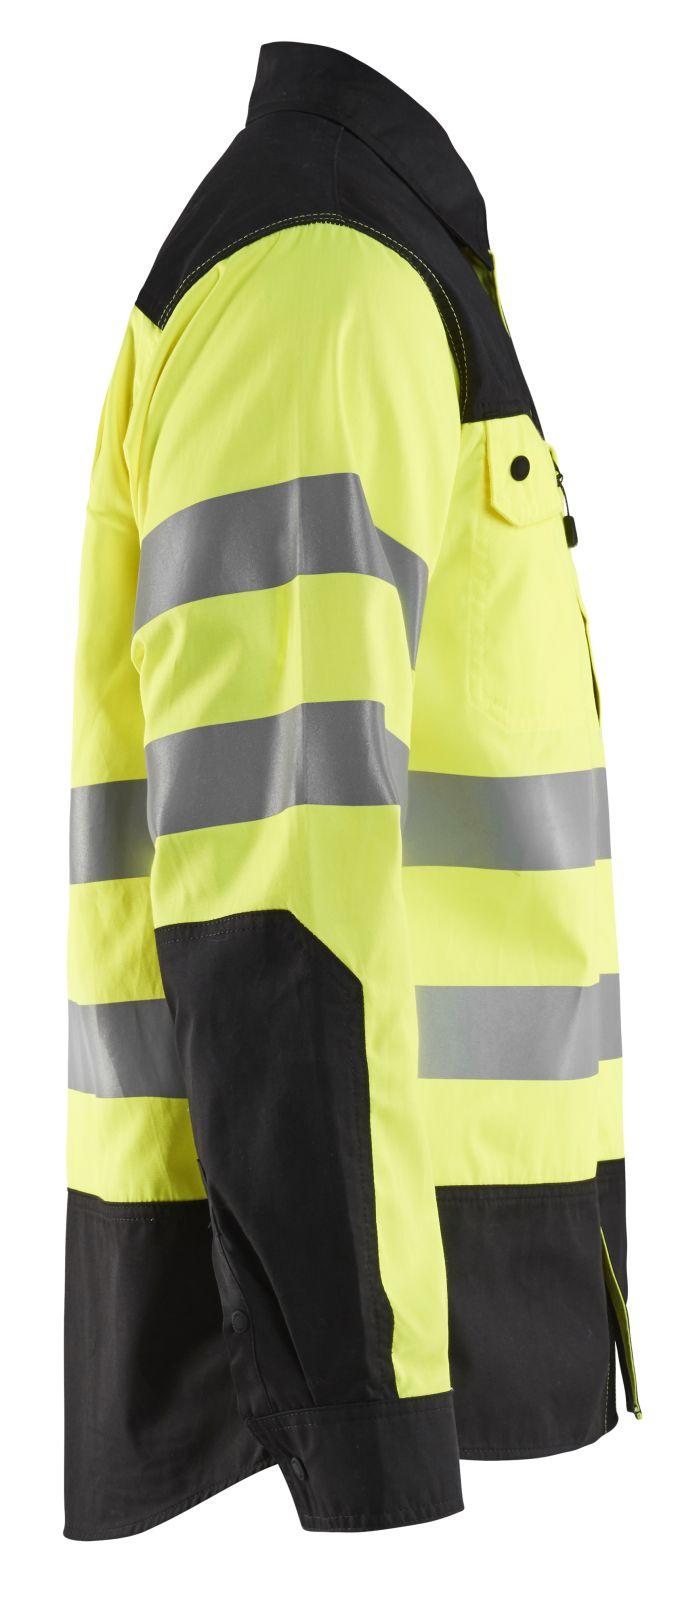 Blaklader Shirts 32551817 fluo geel-zwart(3399)